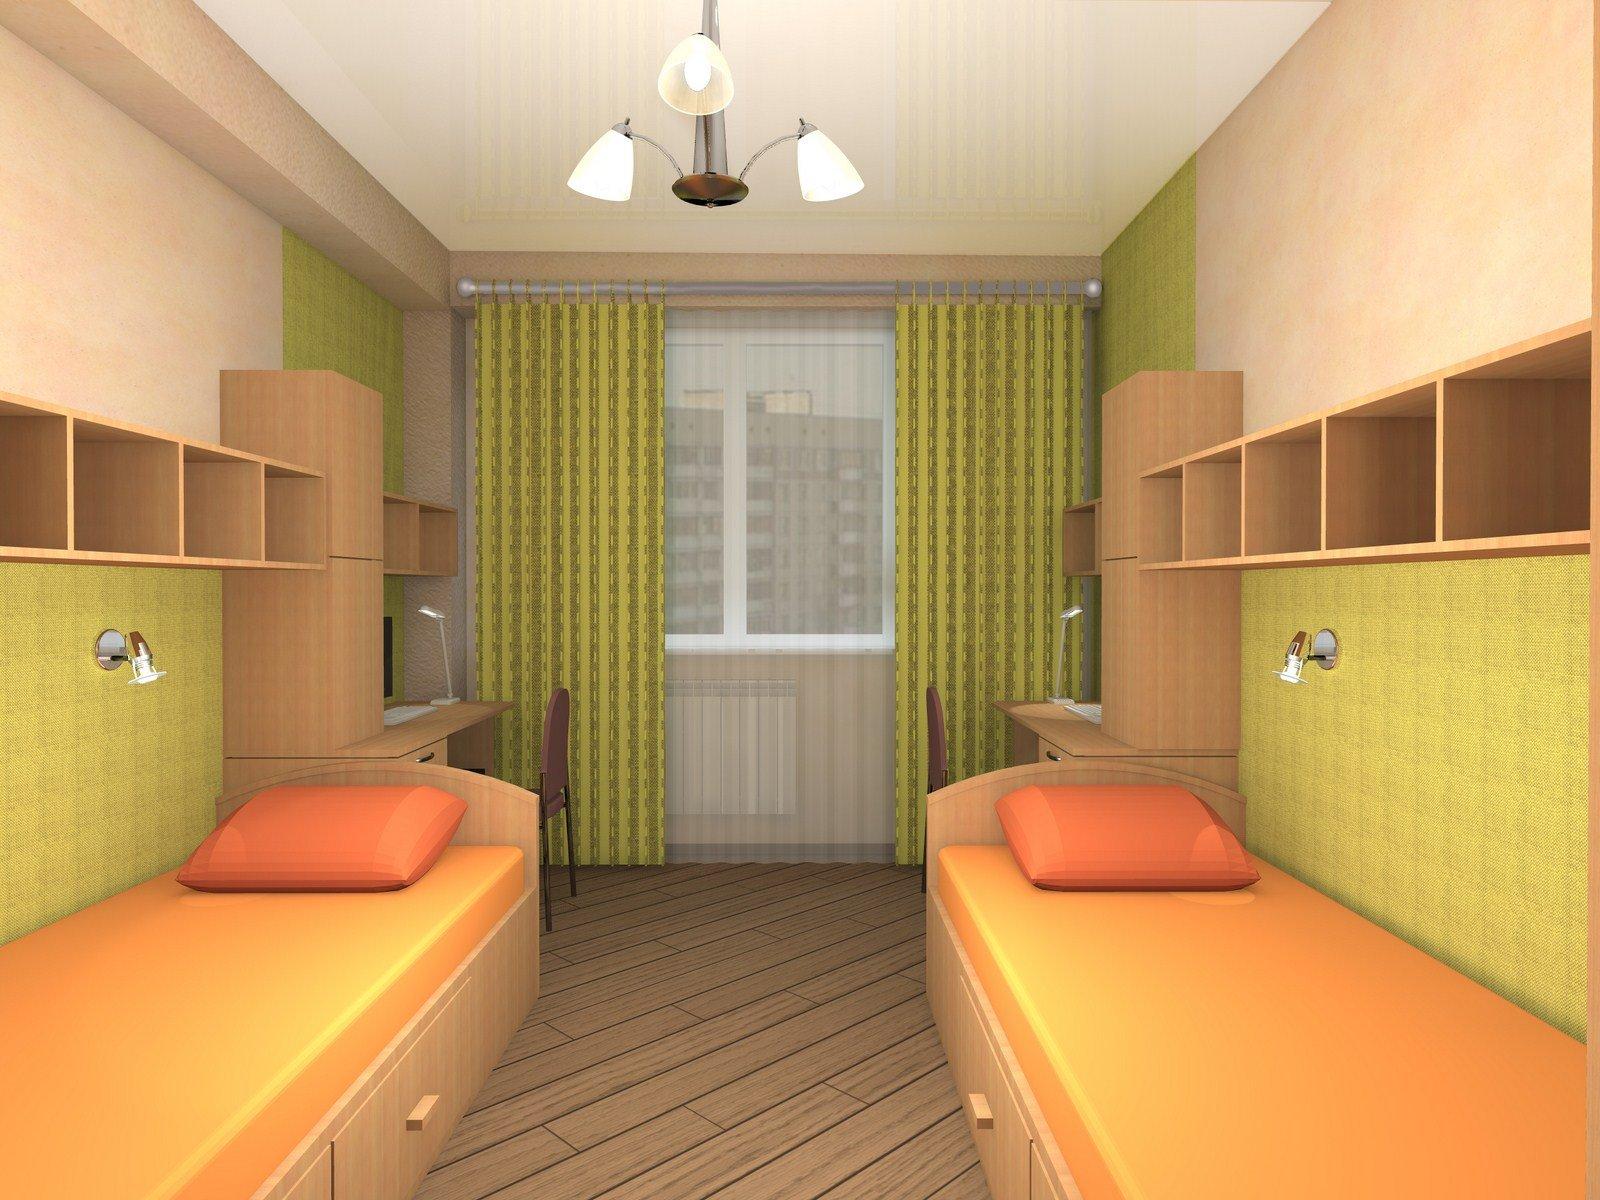 дизайн комнаты для двух девочек блог о дизайне интерьера в